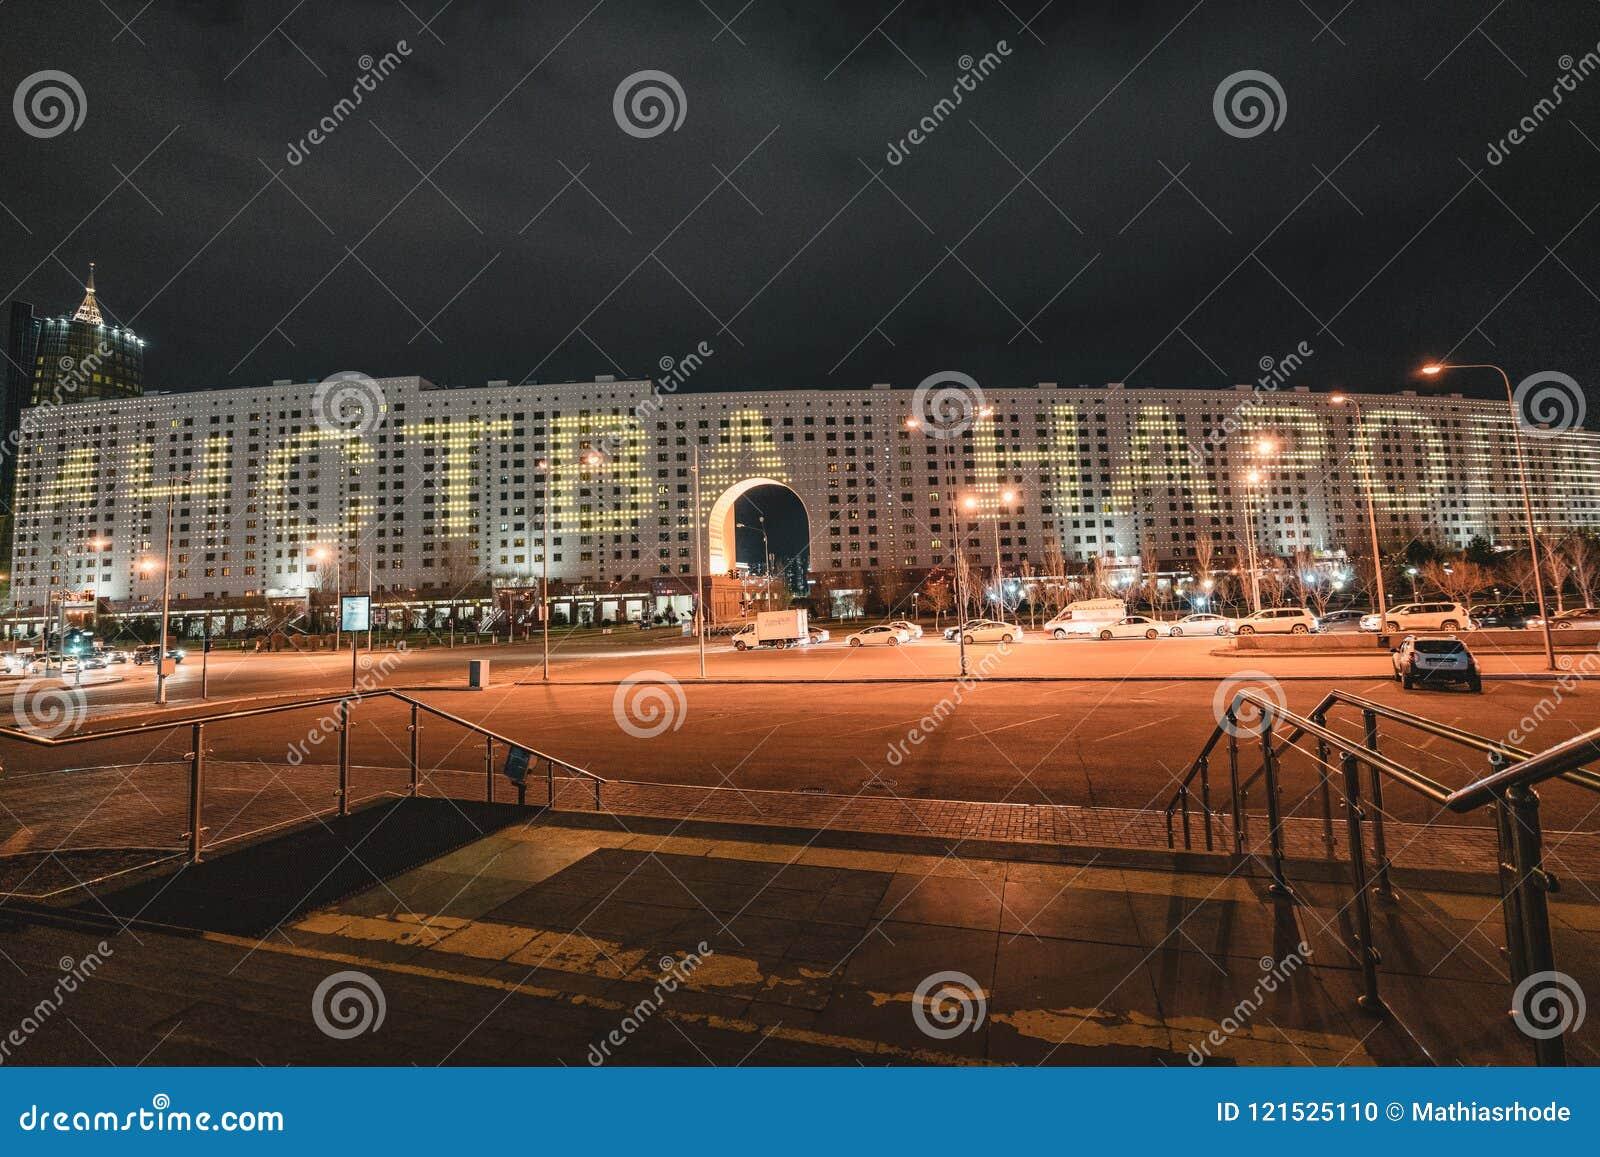 Nachtansicht zum Haus von Ministerien mit Werbung für den 9. Mai in Astana, Kasachstan